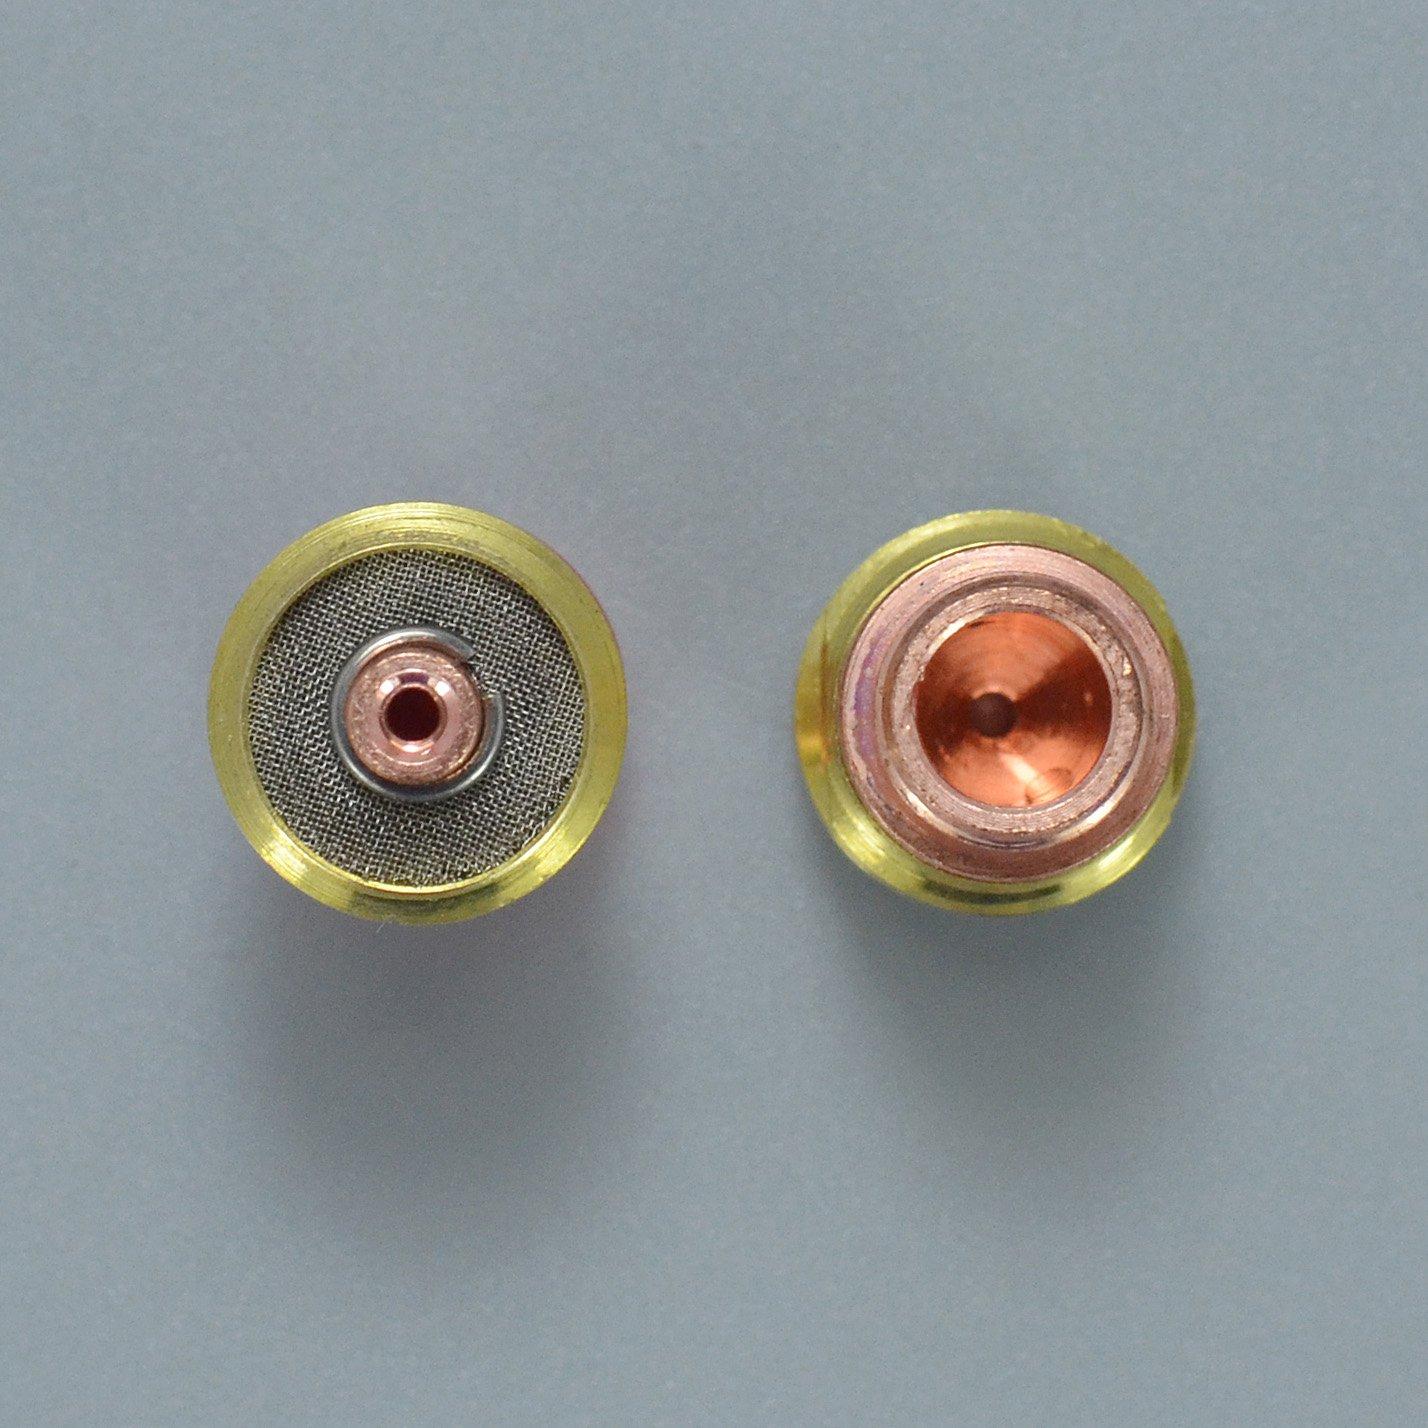 TIG Stubby gaz lentille 17GL116 1//16/& 1,6mm Pour SR WP 17 18 26 TIG torche de soudage 3pk